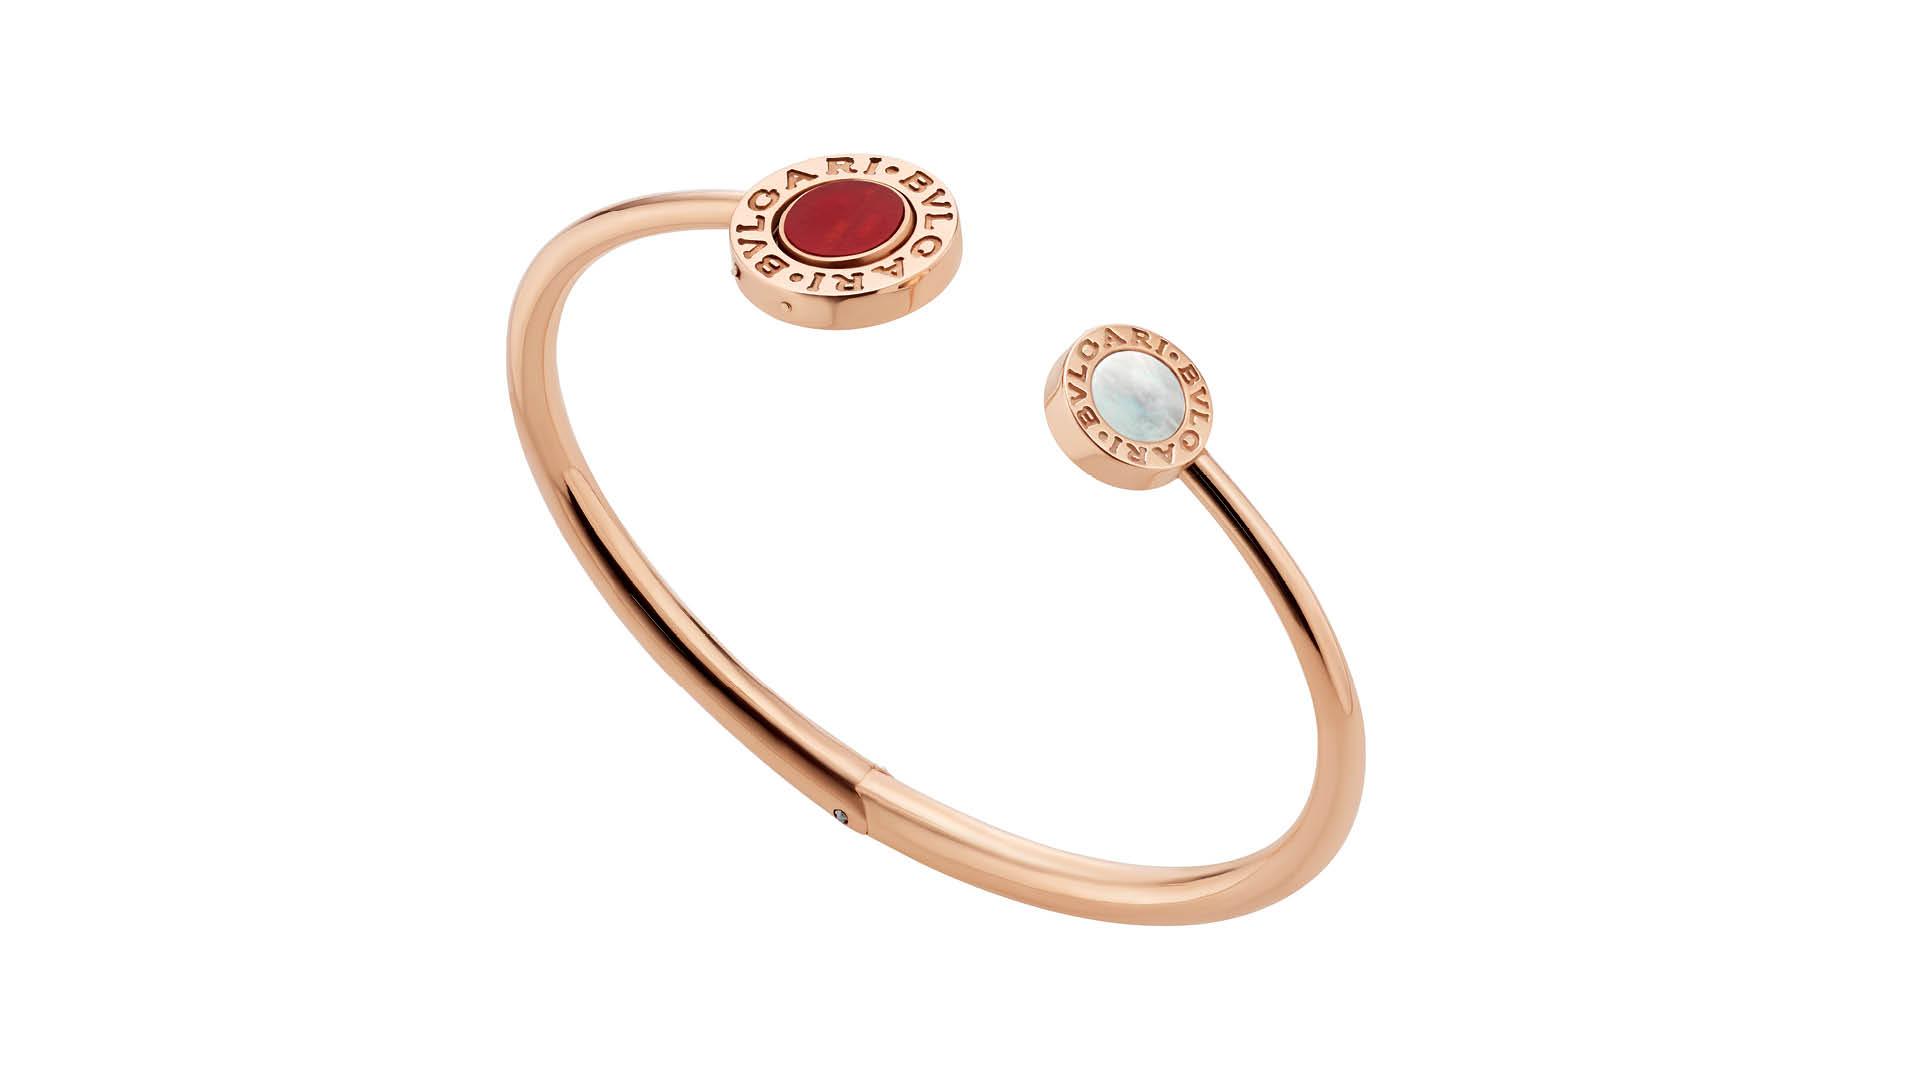 aa37a0c5aaf Os quatro braceletes podem ser empilhados e coordenados por cores  dependendo da vontade de quem as usa